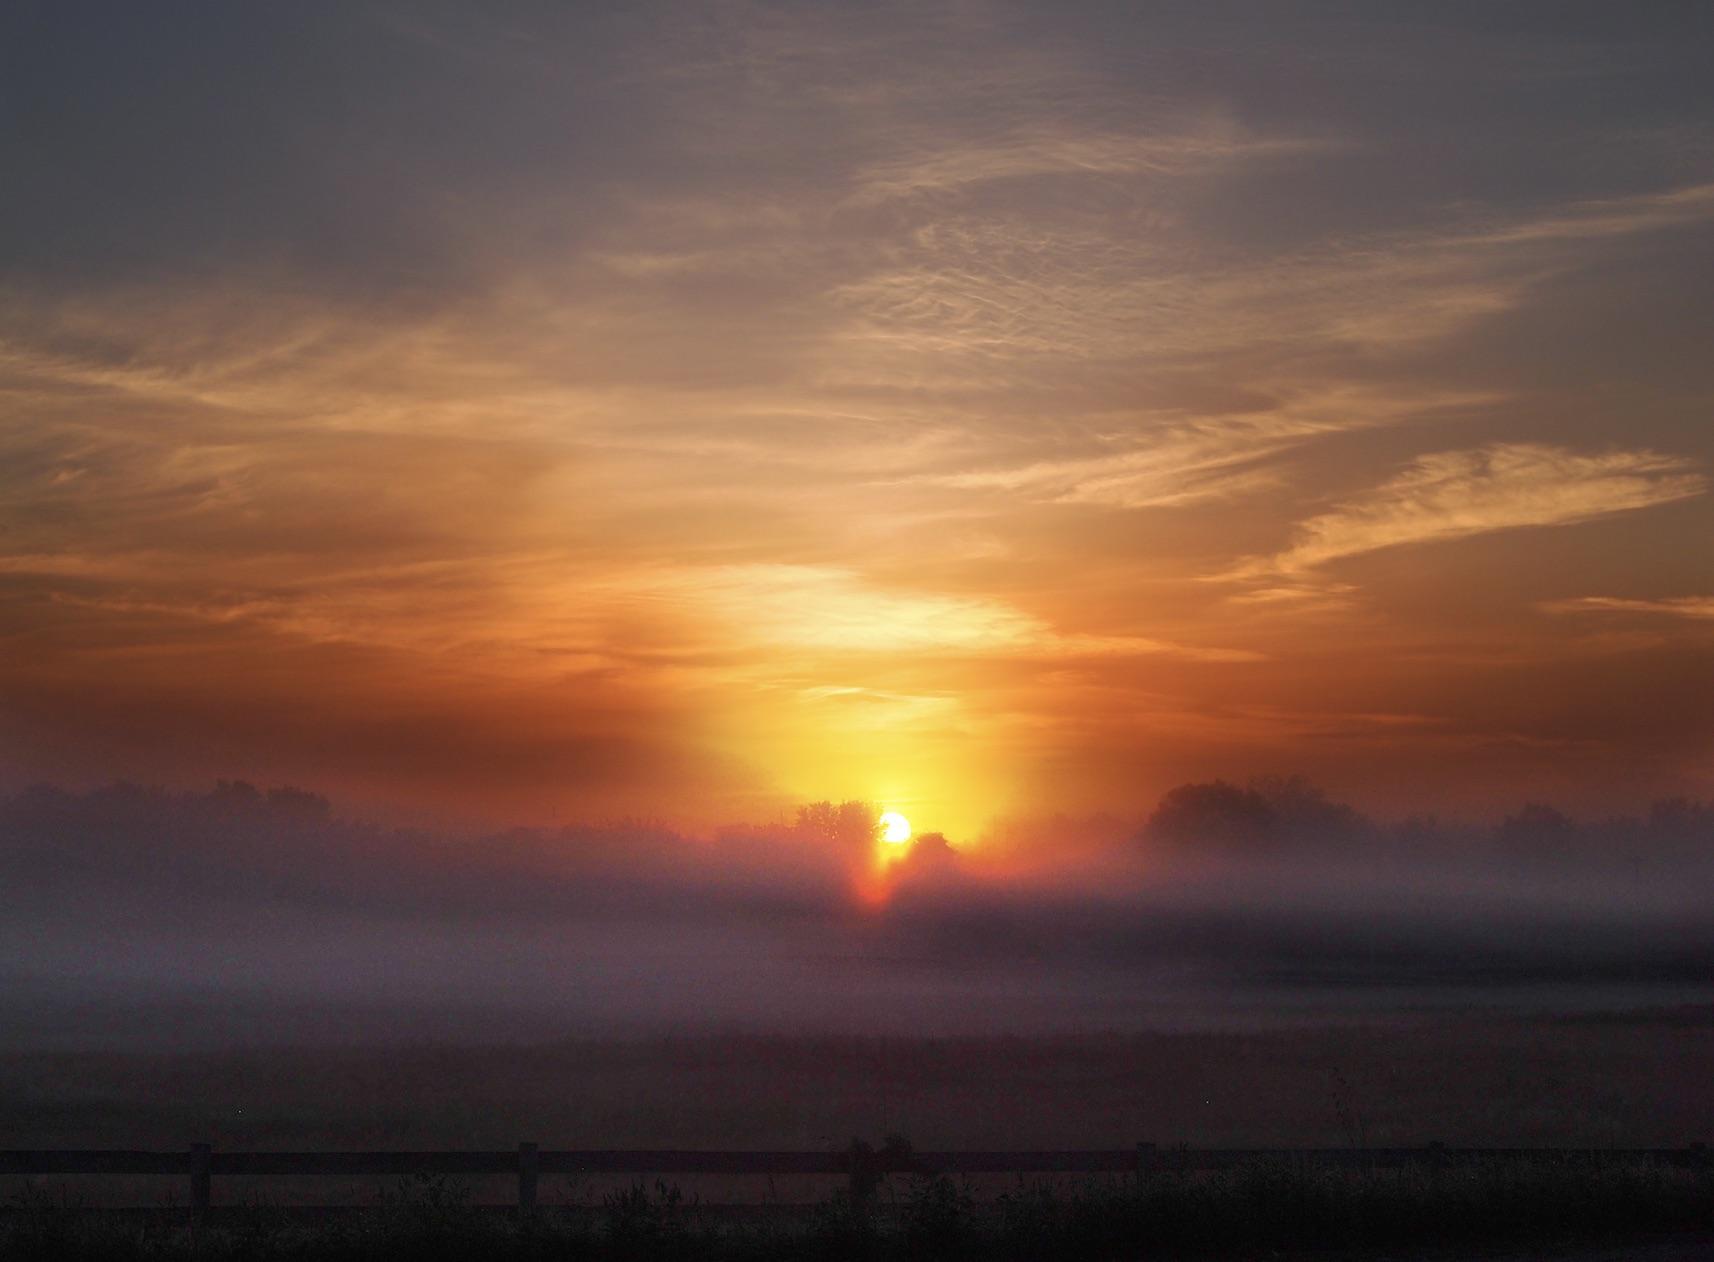 P8174201 - Sunrise